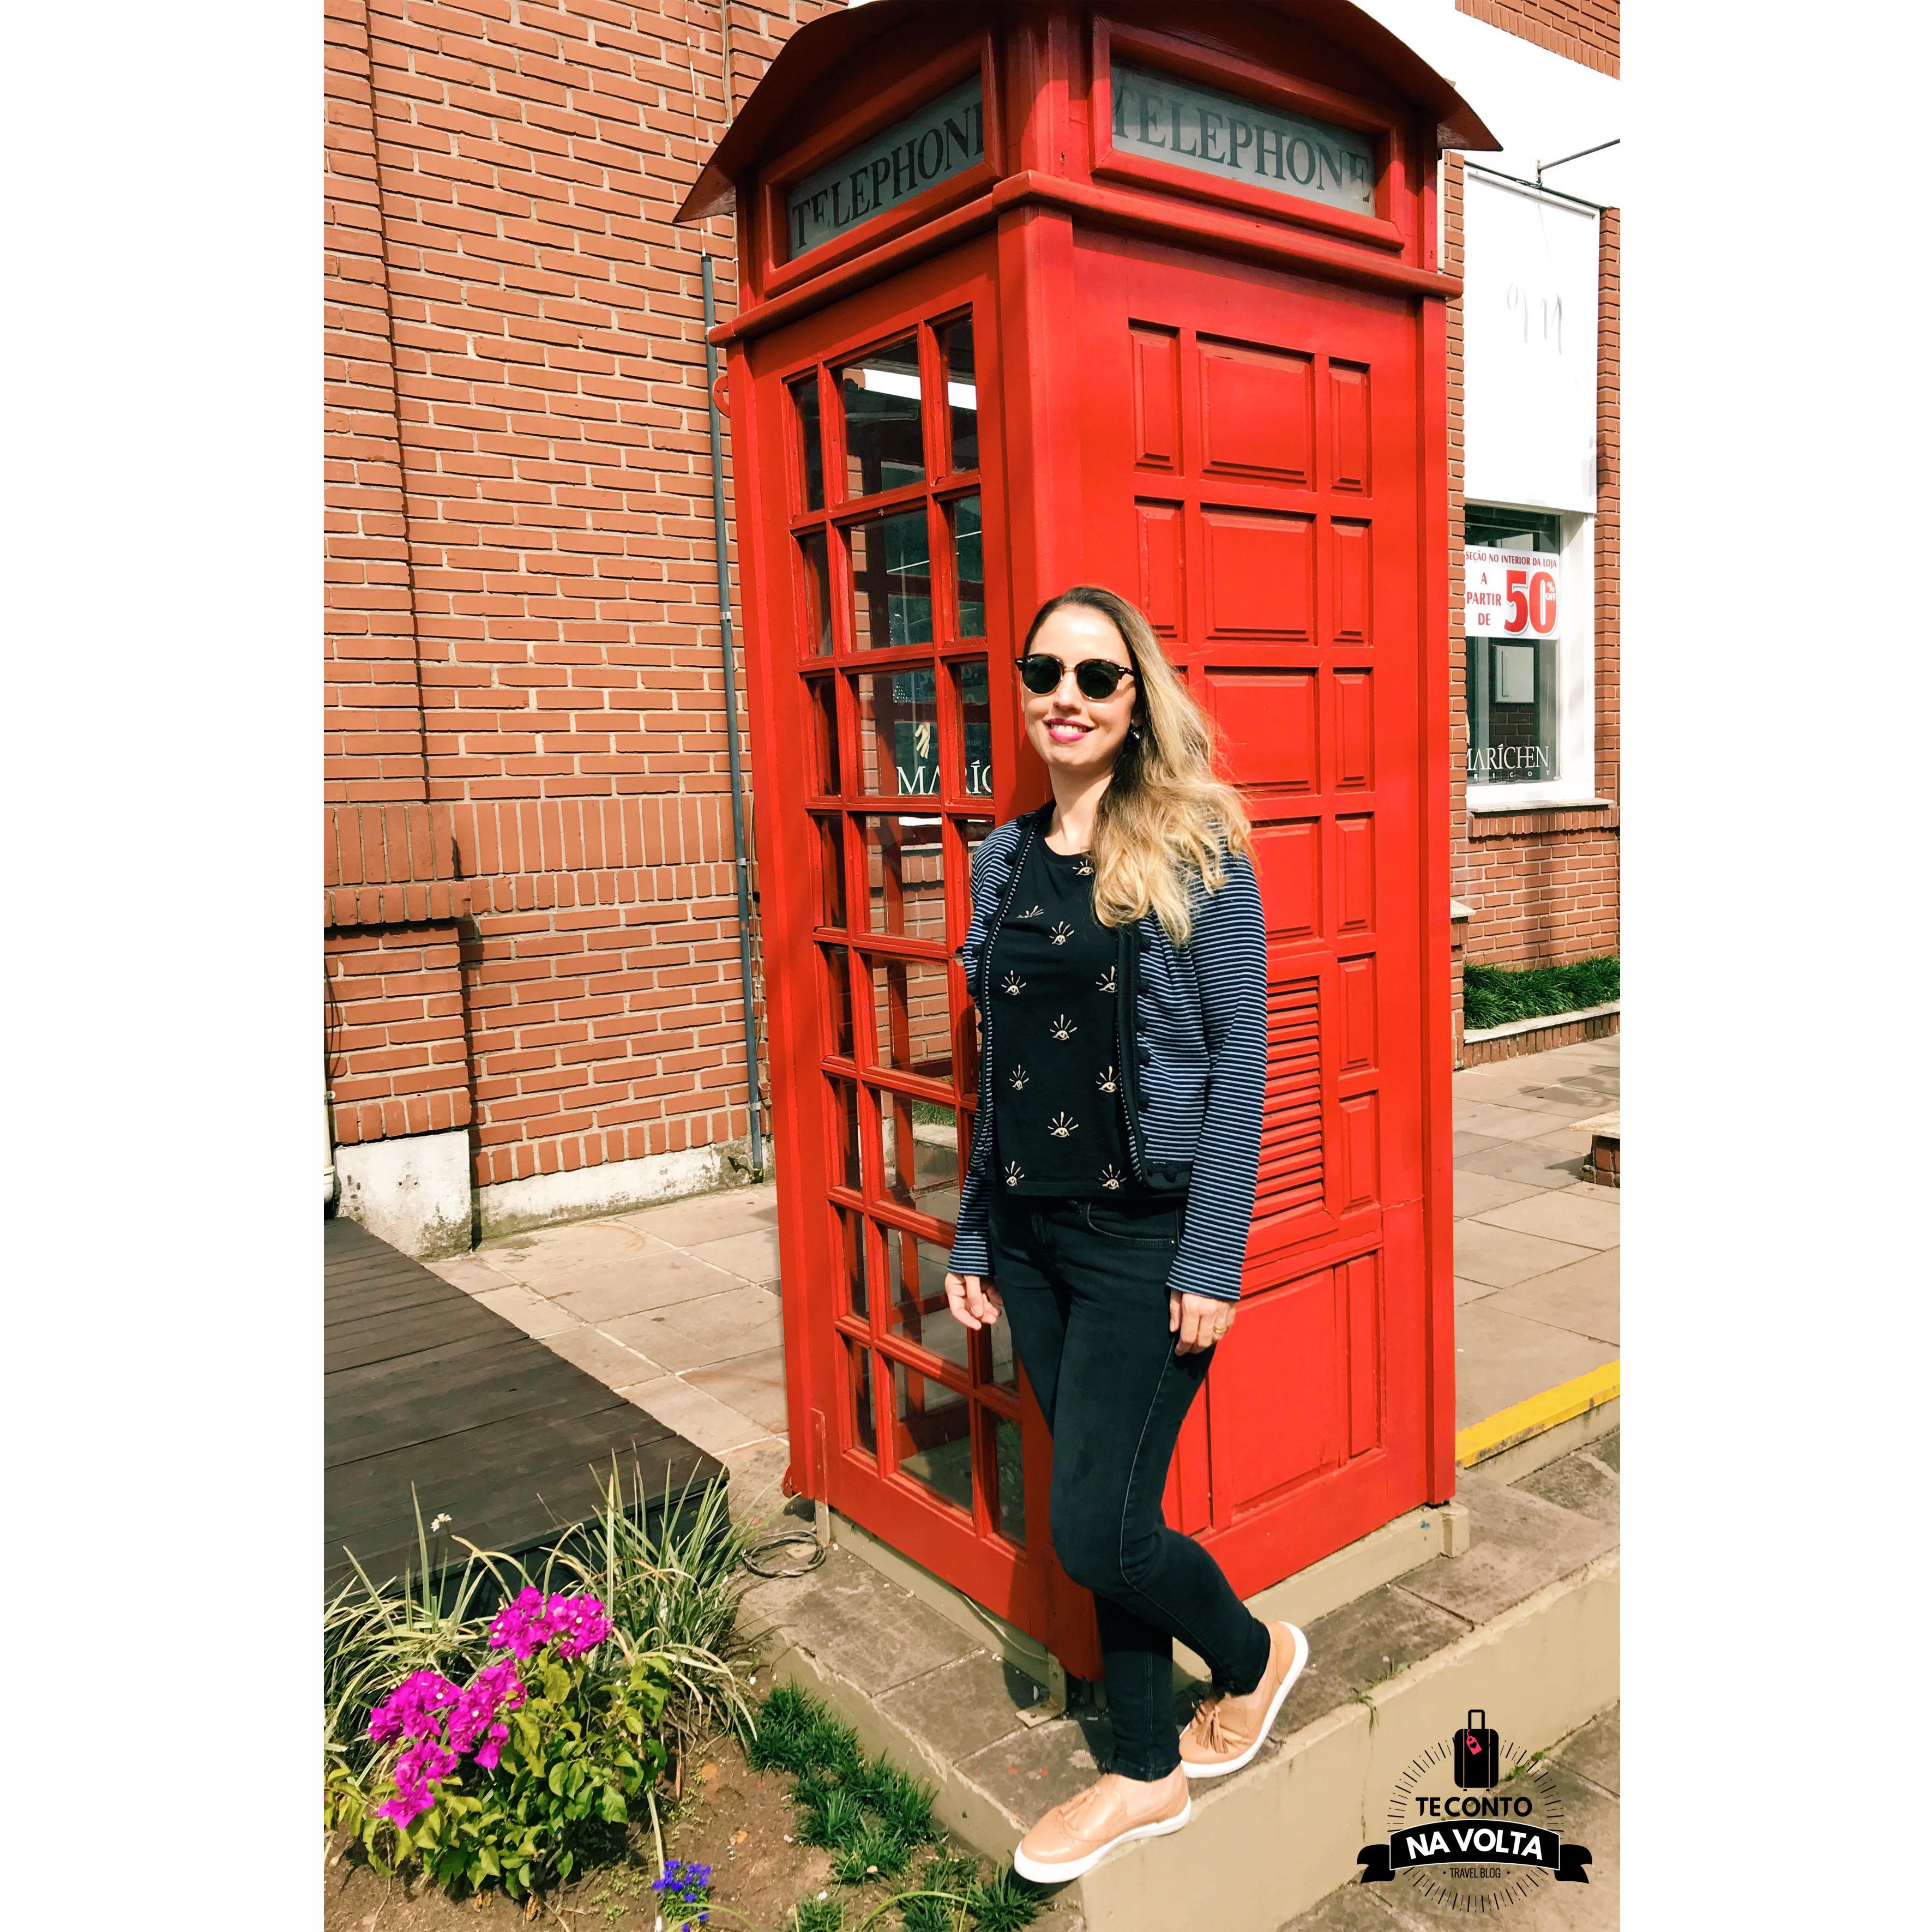 cabine telefônica inglesa gramado